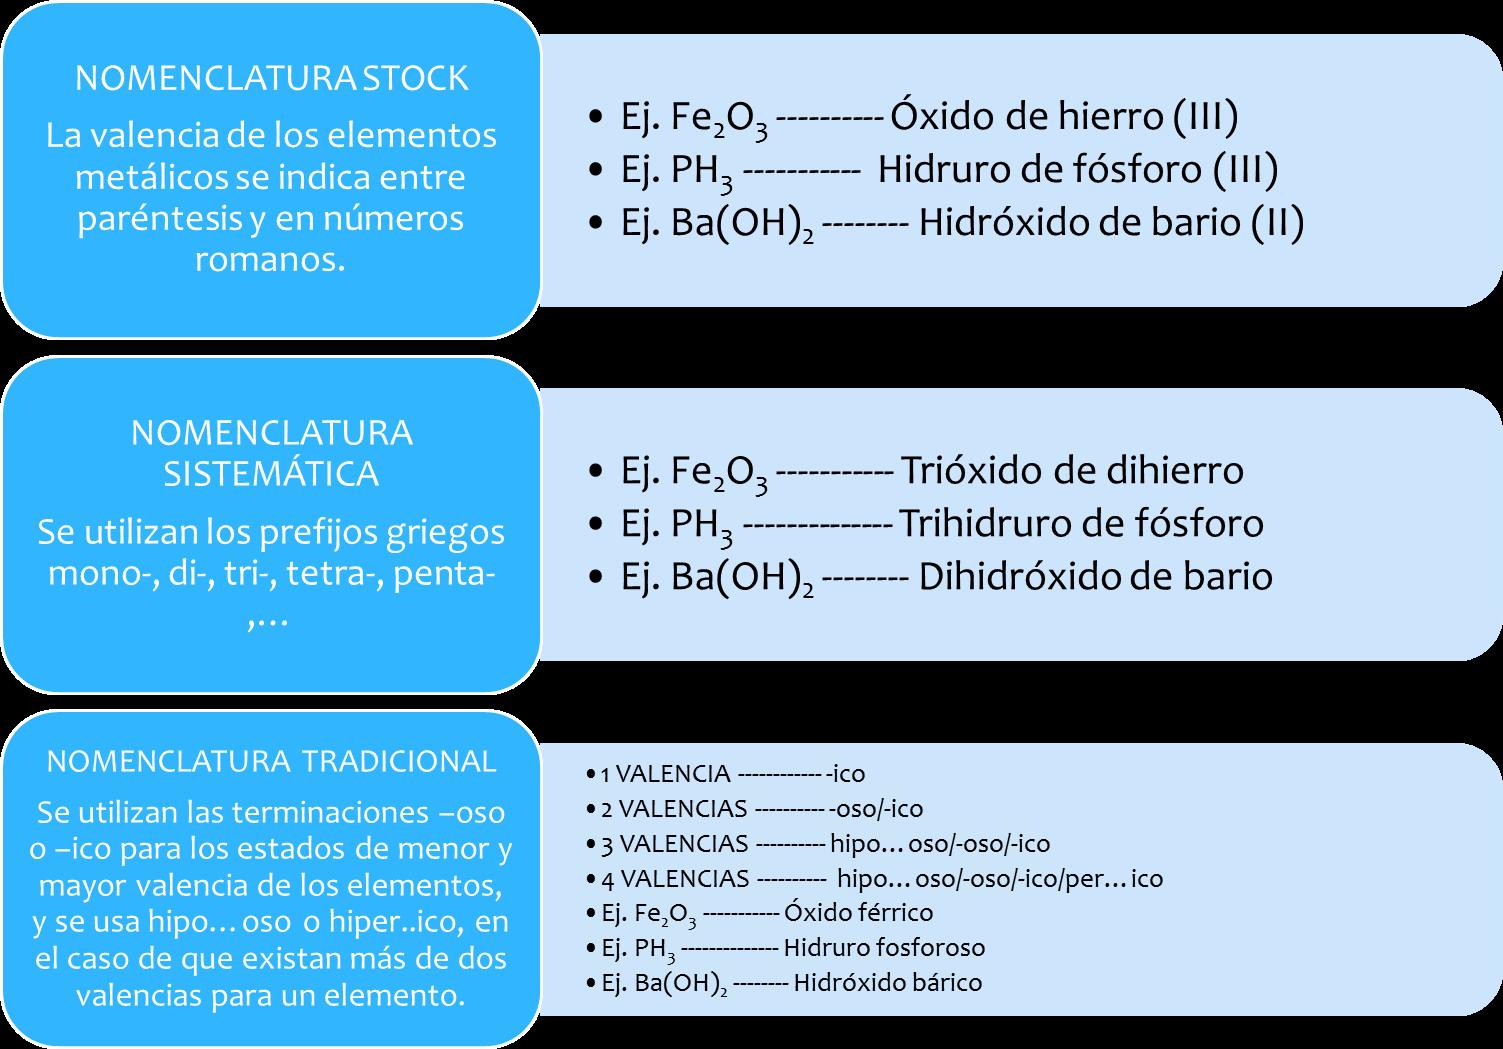 Estructura del tomo configuracin electrnica tabla peridica stock tradicional el sistema ms antiguo urtaz Images